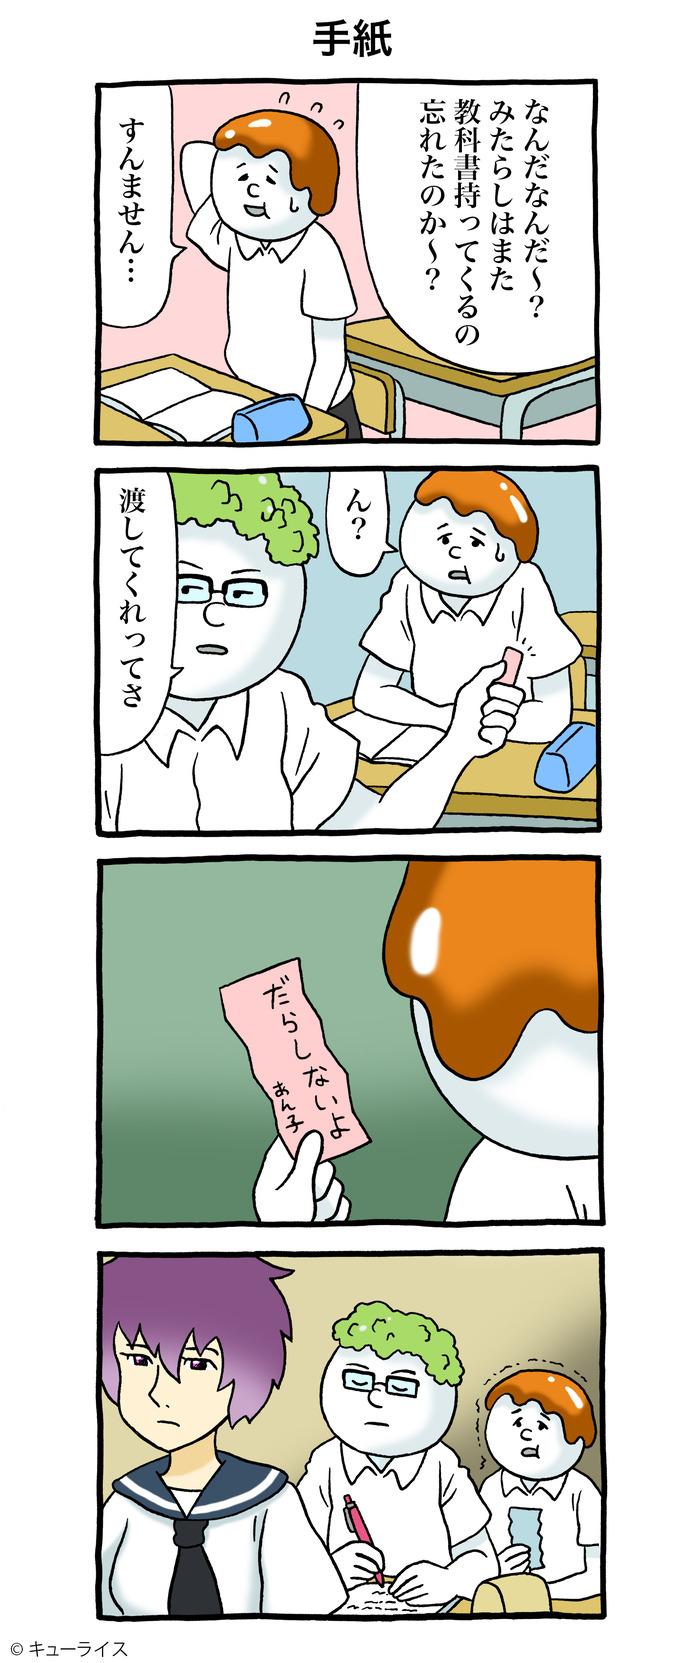 甘くないよ!あん子さん! 3 のコピー